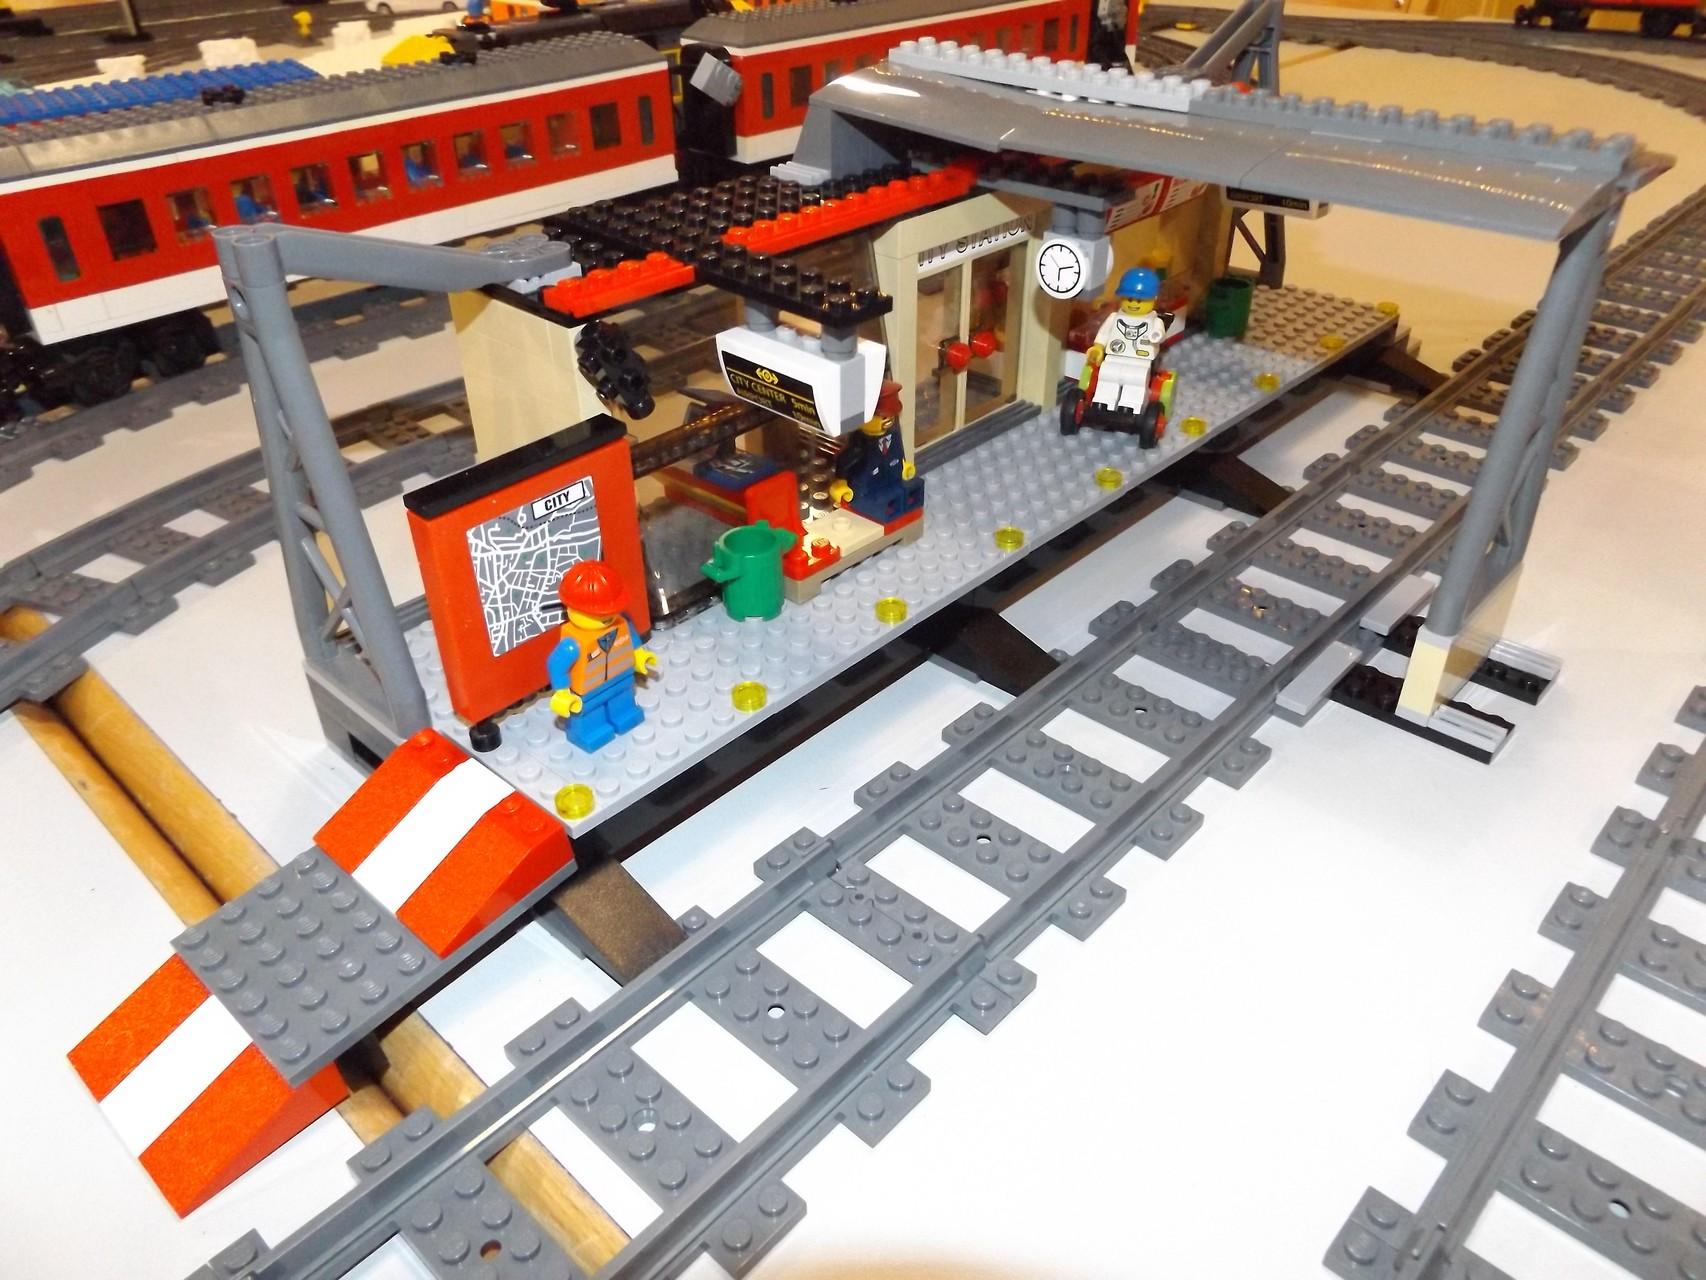 Lego-Bahnhof 60050, mit Zugang für Rollstühle